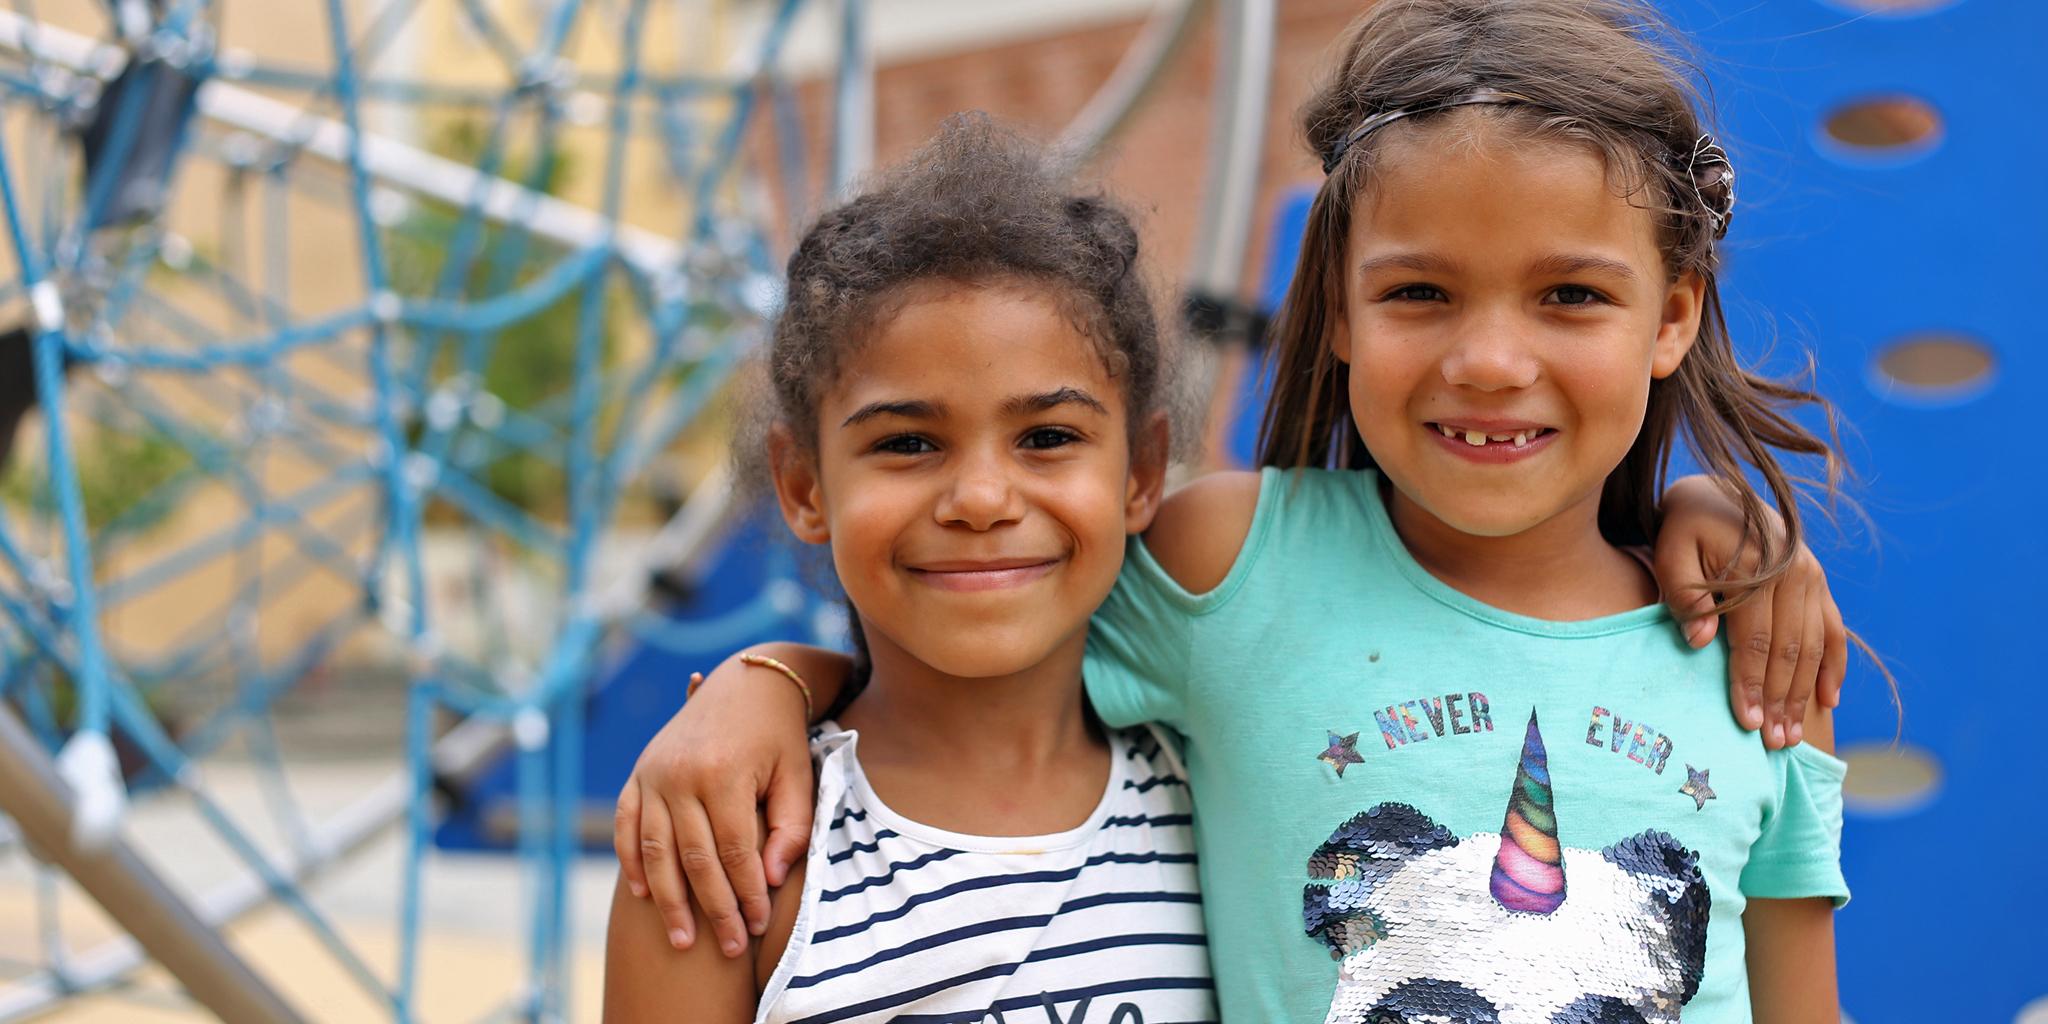 Zwei Mädchen Arm in Arm auf dem Schulfhof